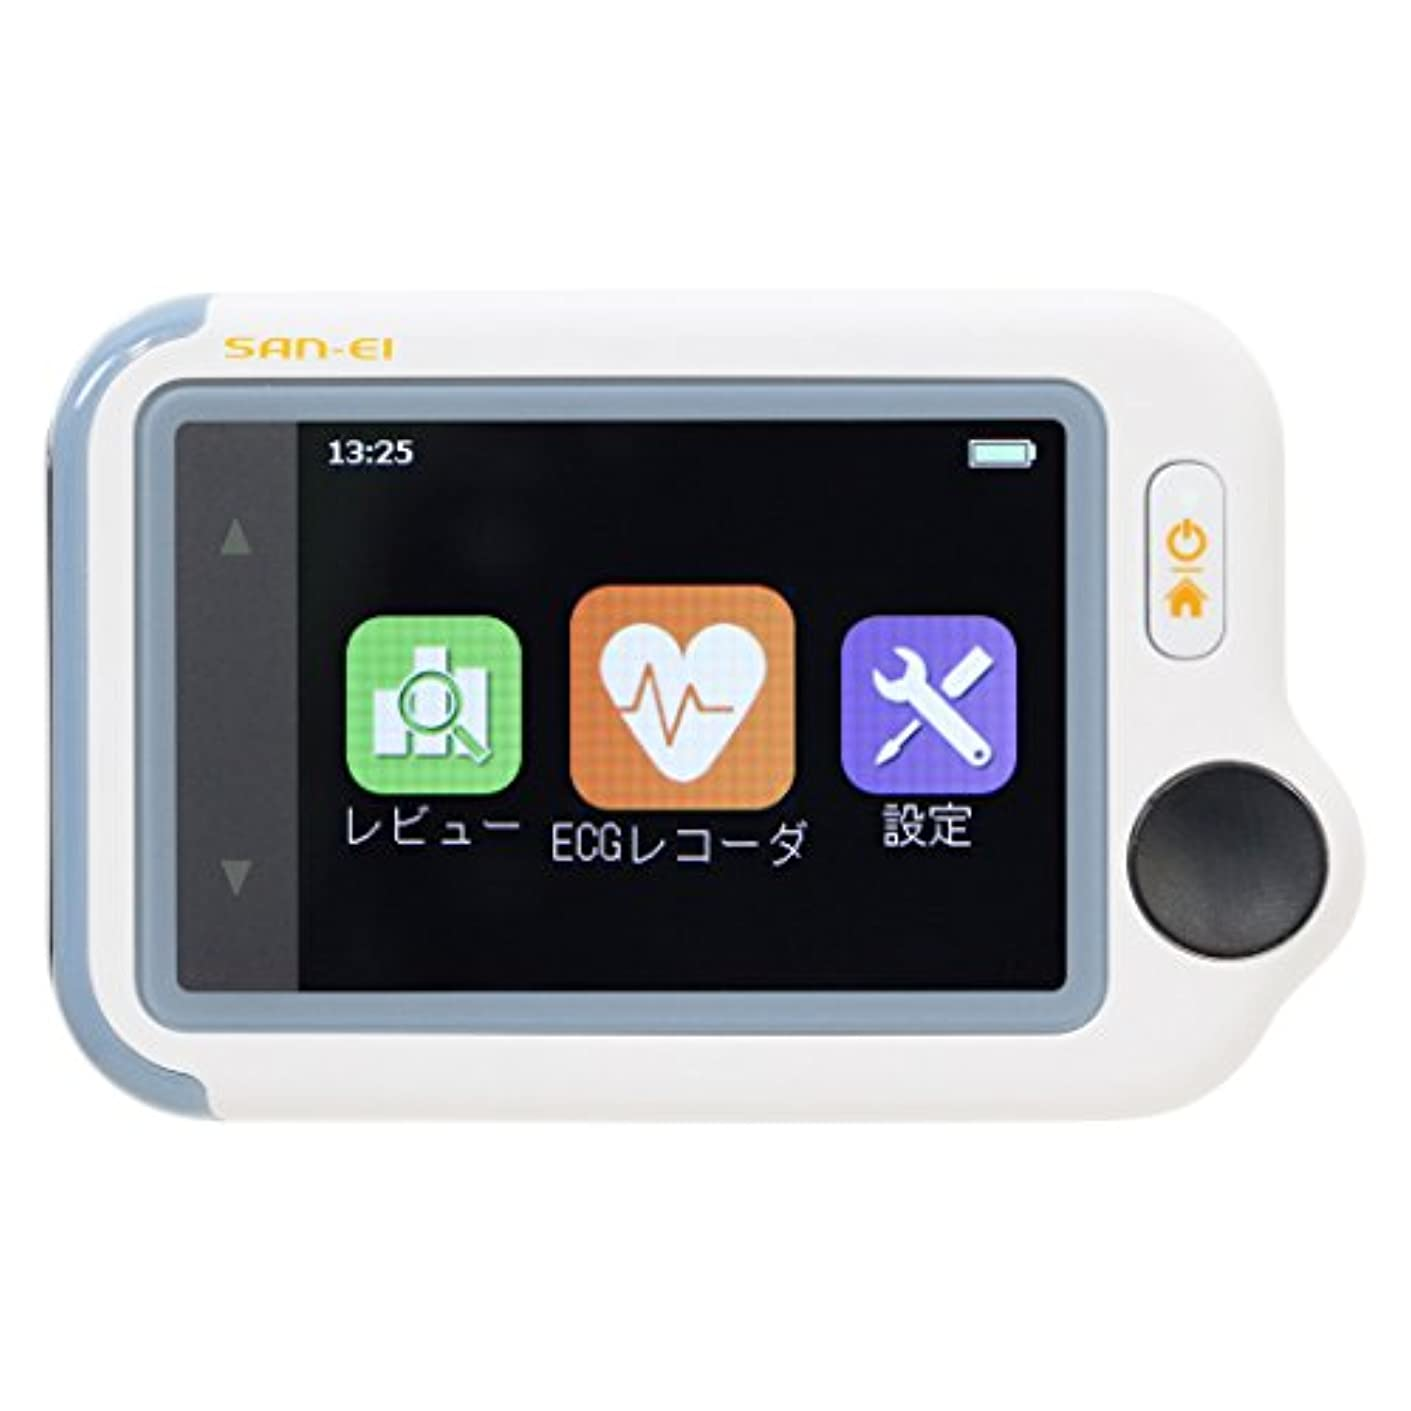 に暗いリングレットチェックミーECG アドバンスモデル 《ブルートゥース搭載》 携帯型心電計